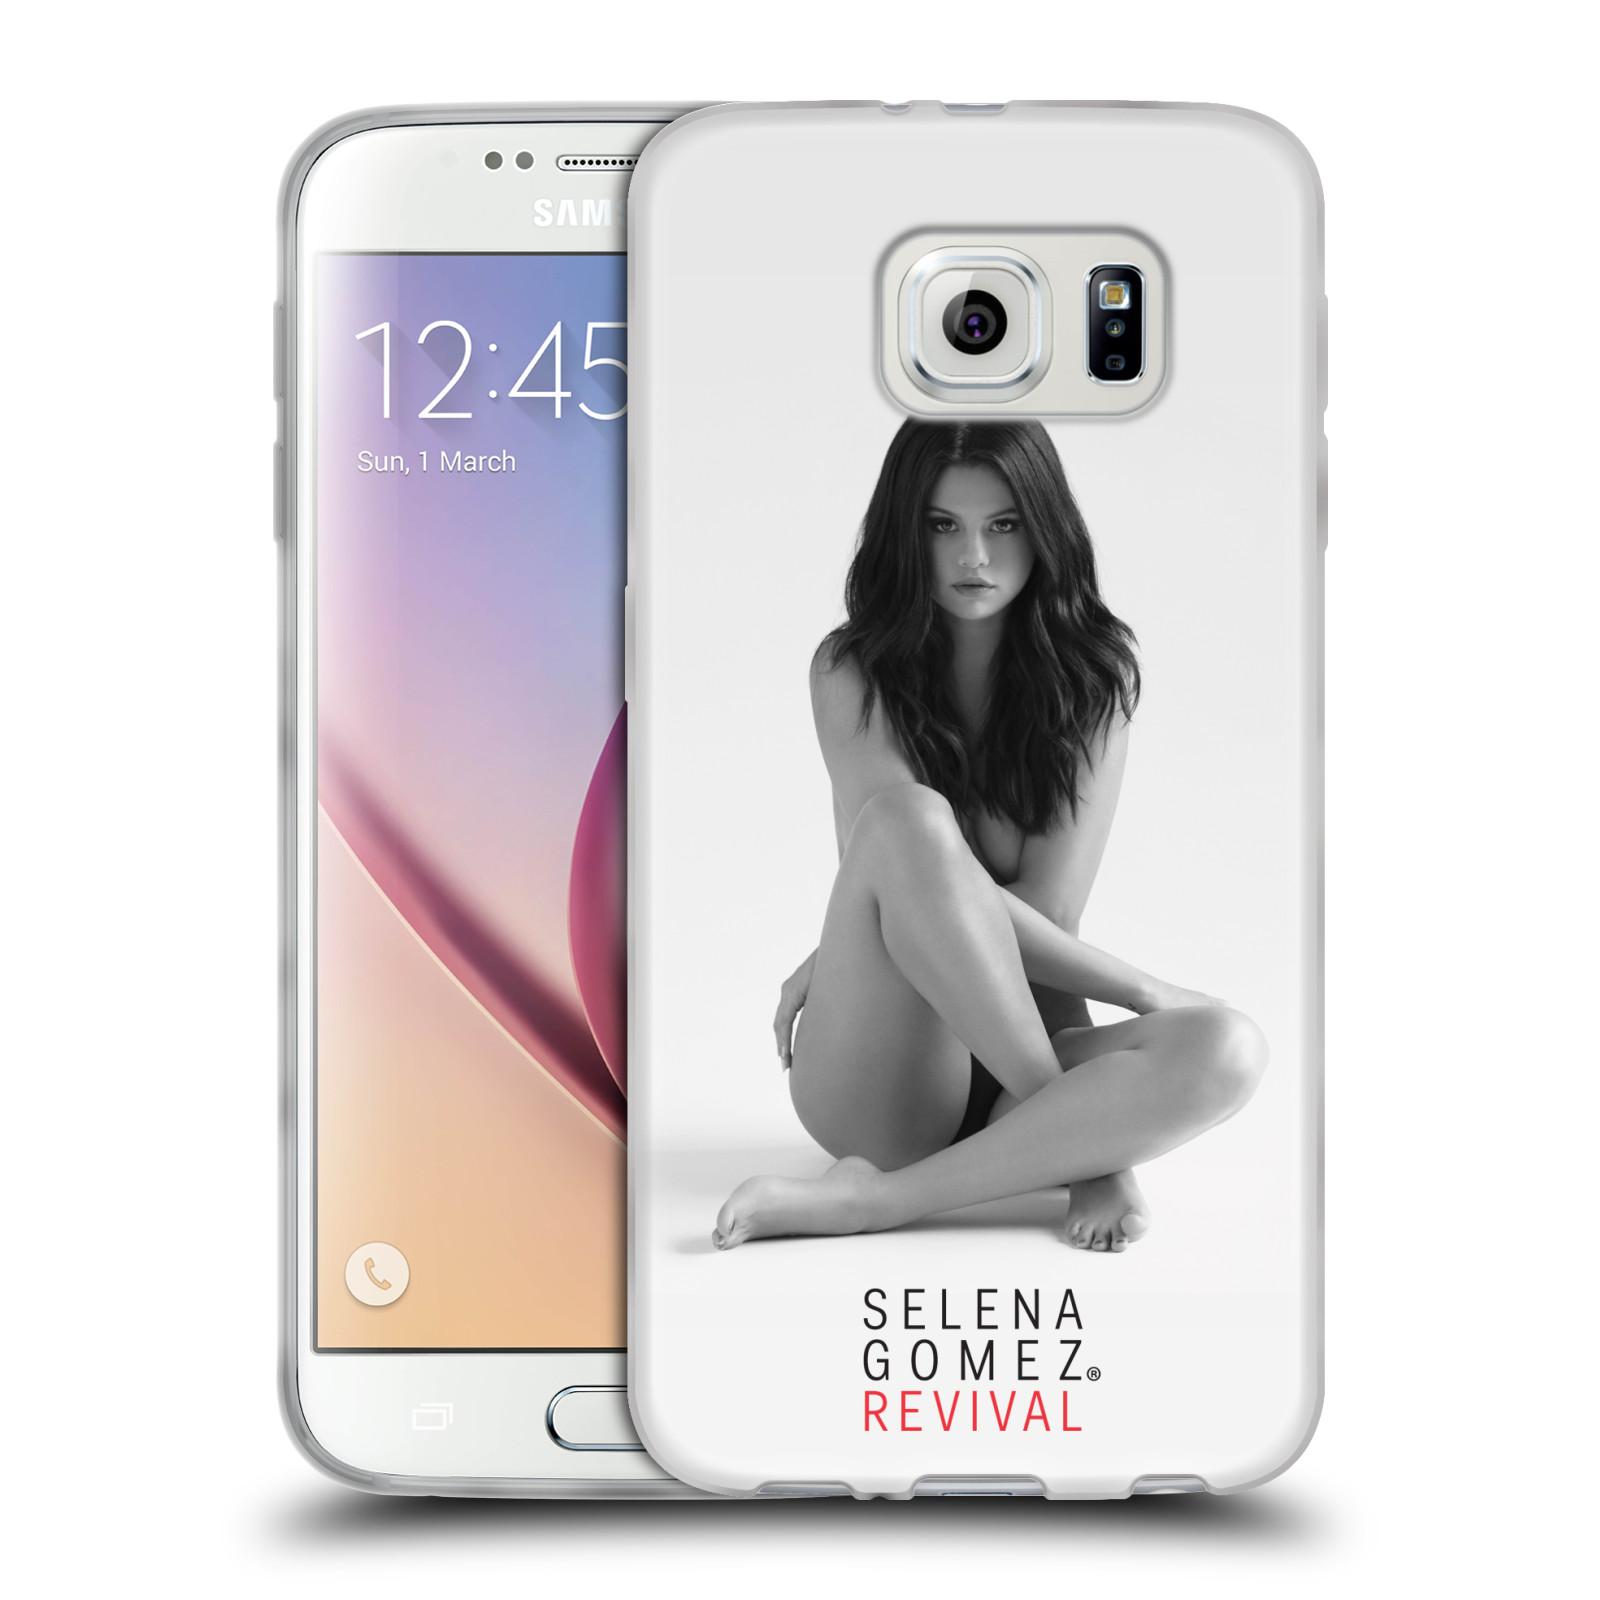 HEAD CASE silikonový obal na mobil Samsung Galaxy S6 Zpěvačka Selena Gomez foto Revival